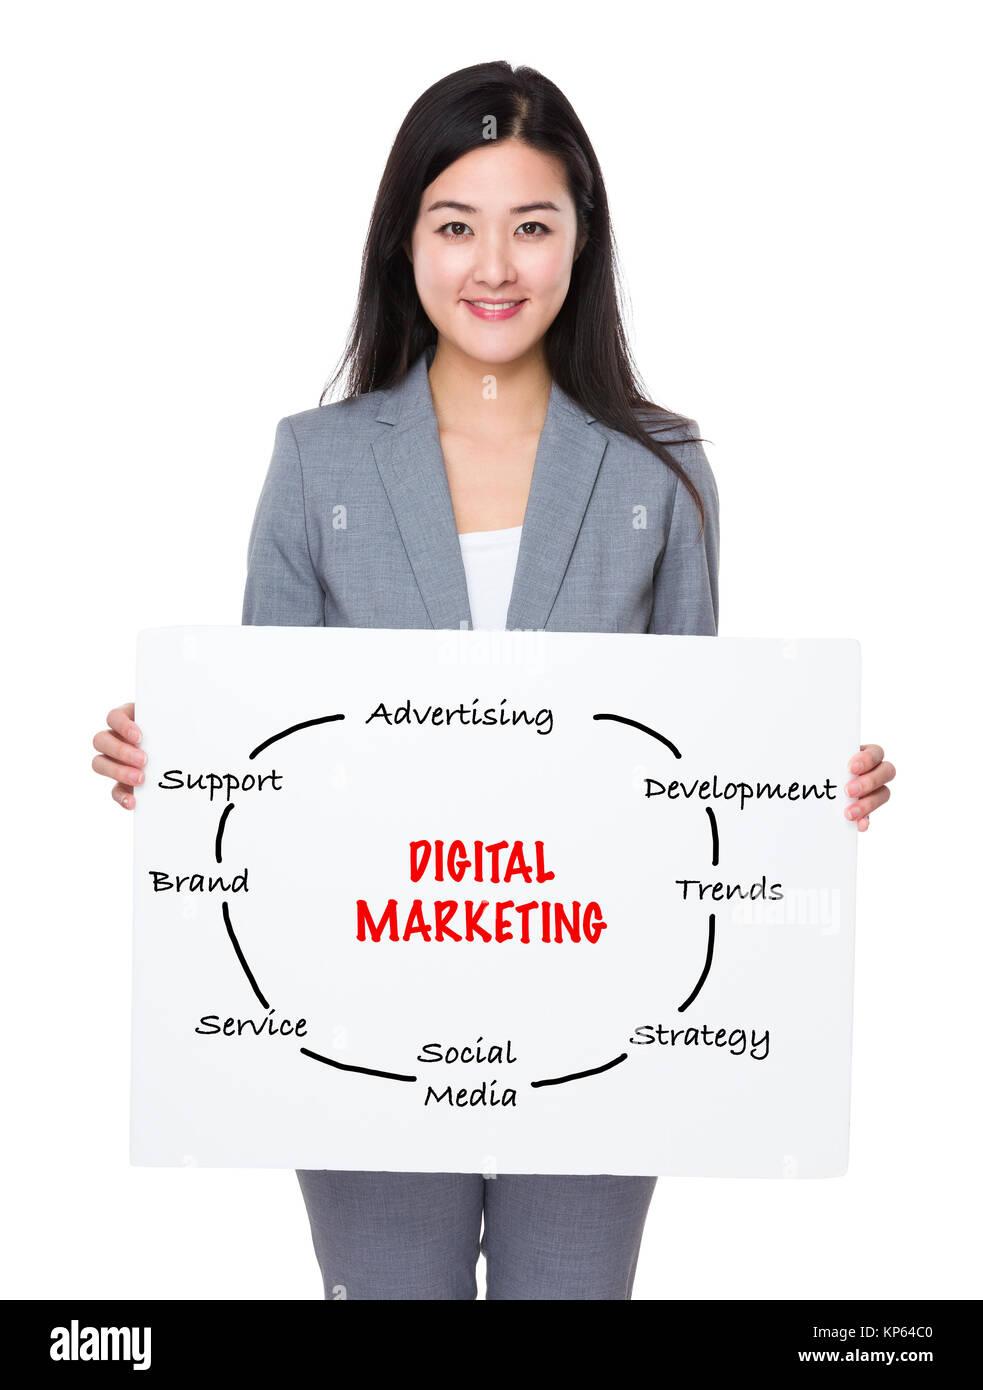 Are asian media marketing